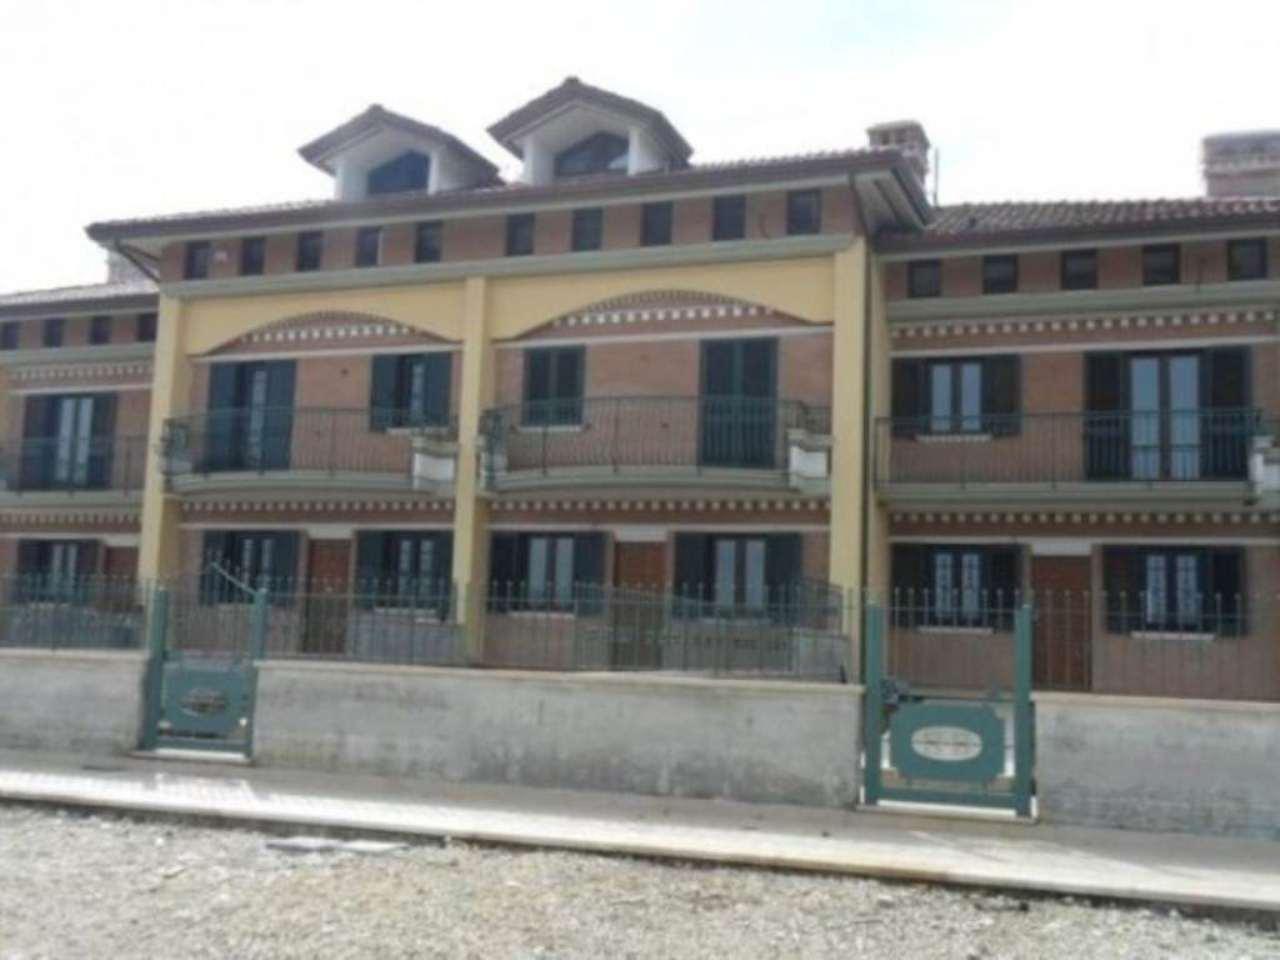 Villa in vendita a Avellino, 5 locali, prezzo € 260.000 | Cambio Casa.it